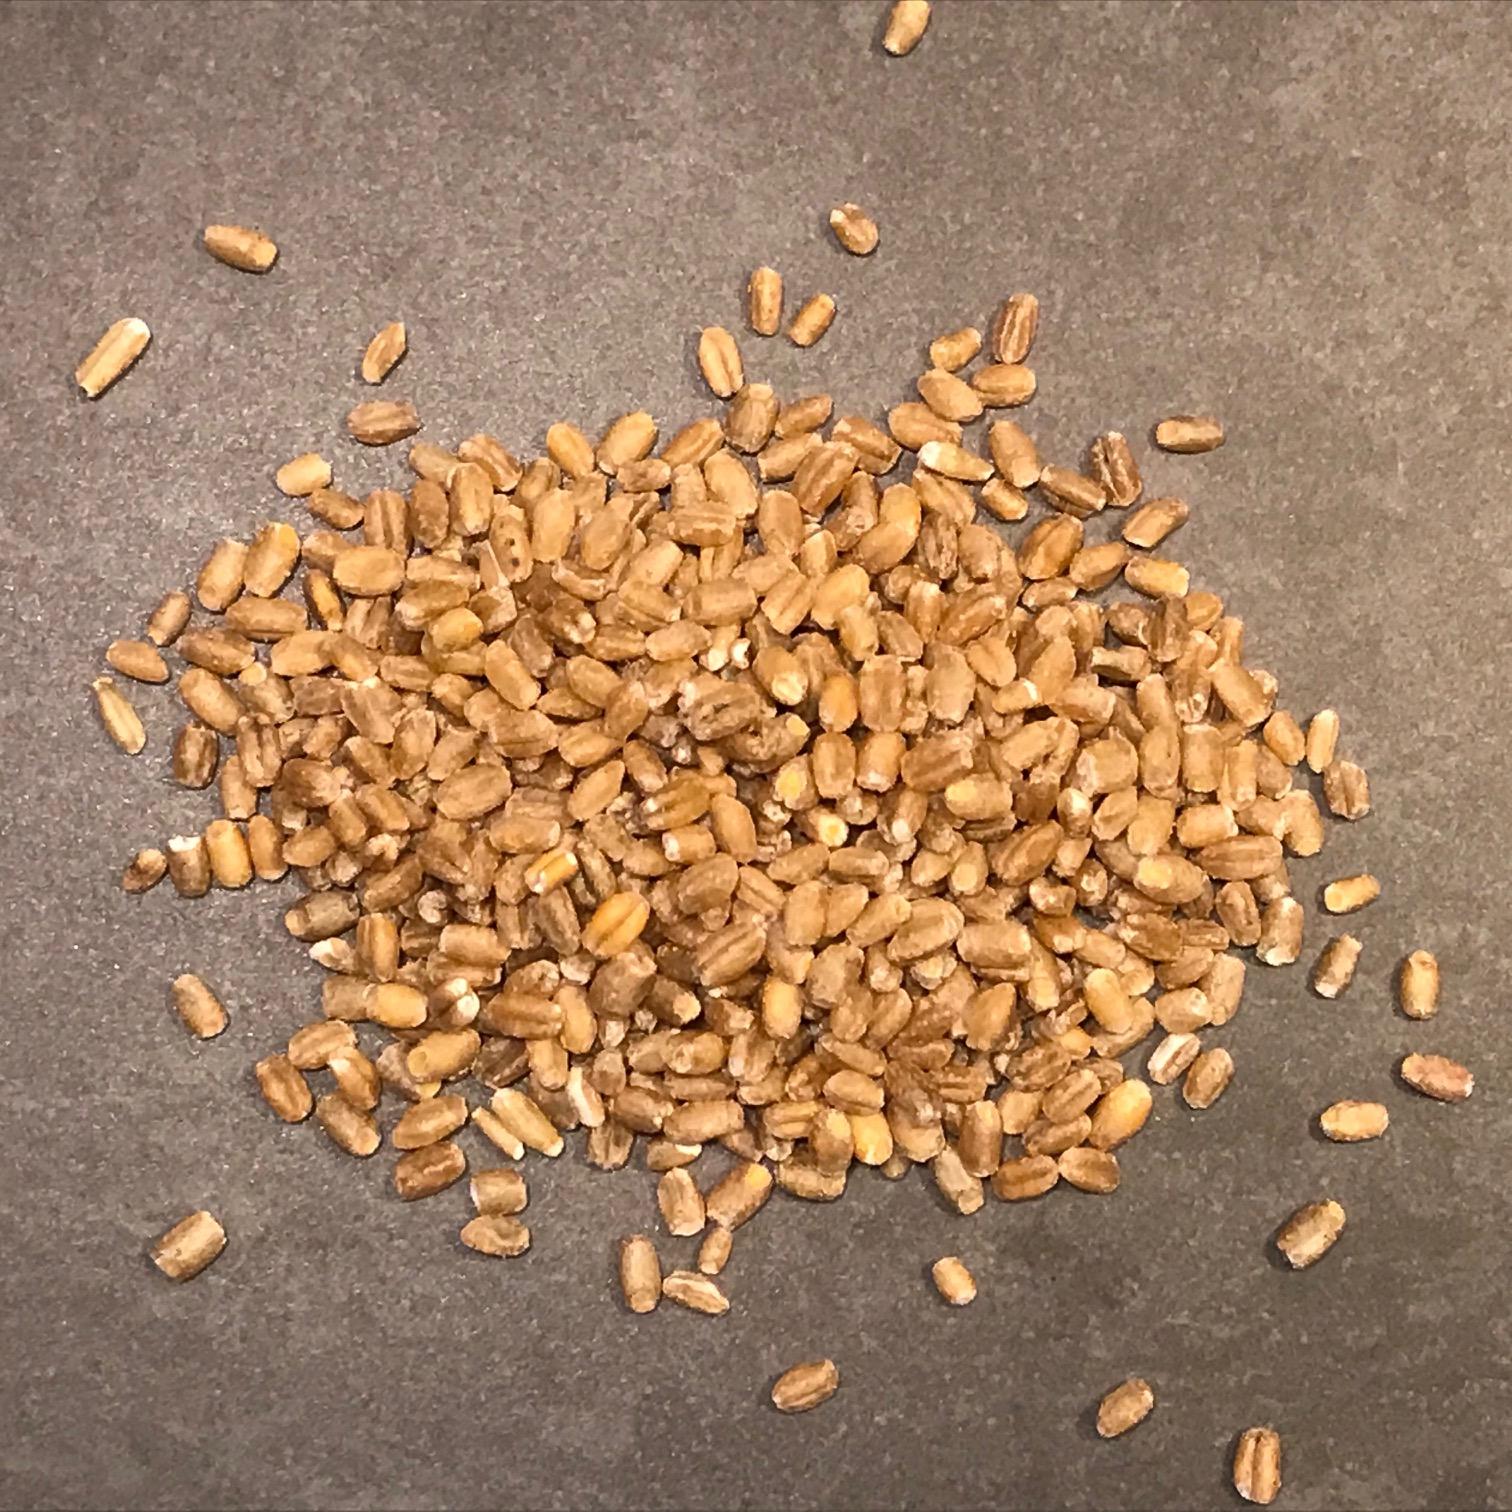 Hela korn för groddning